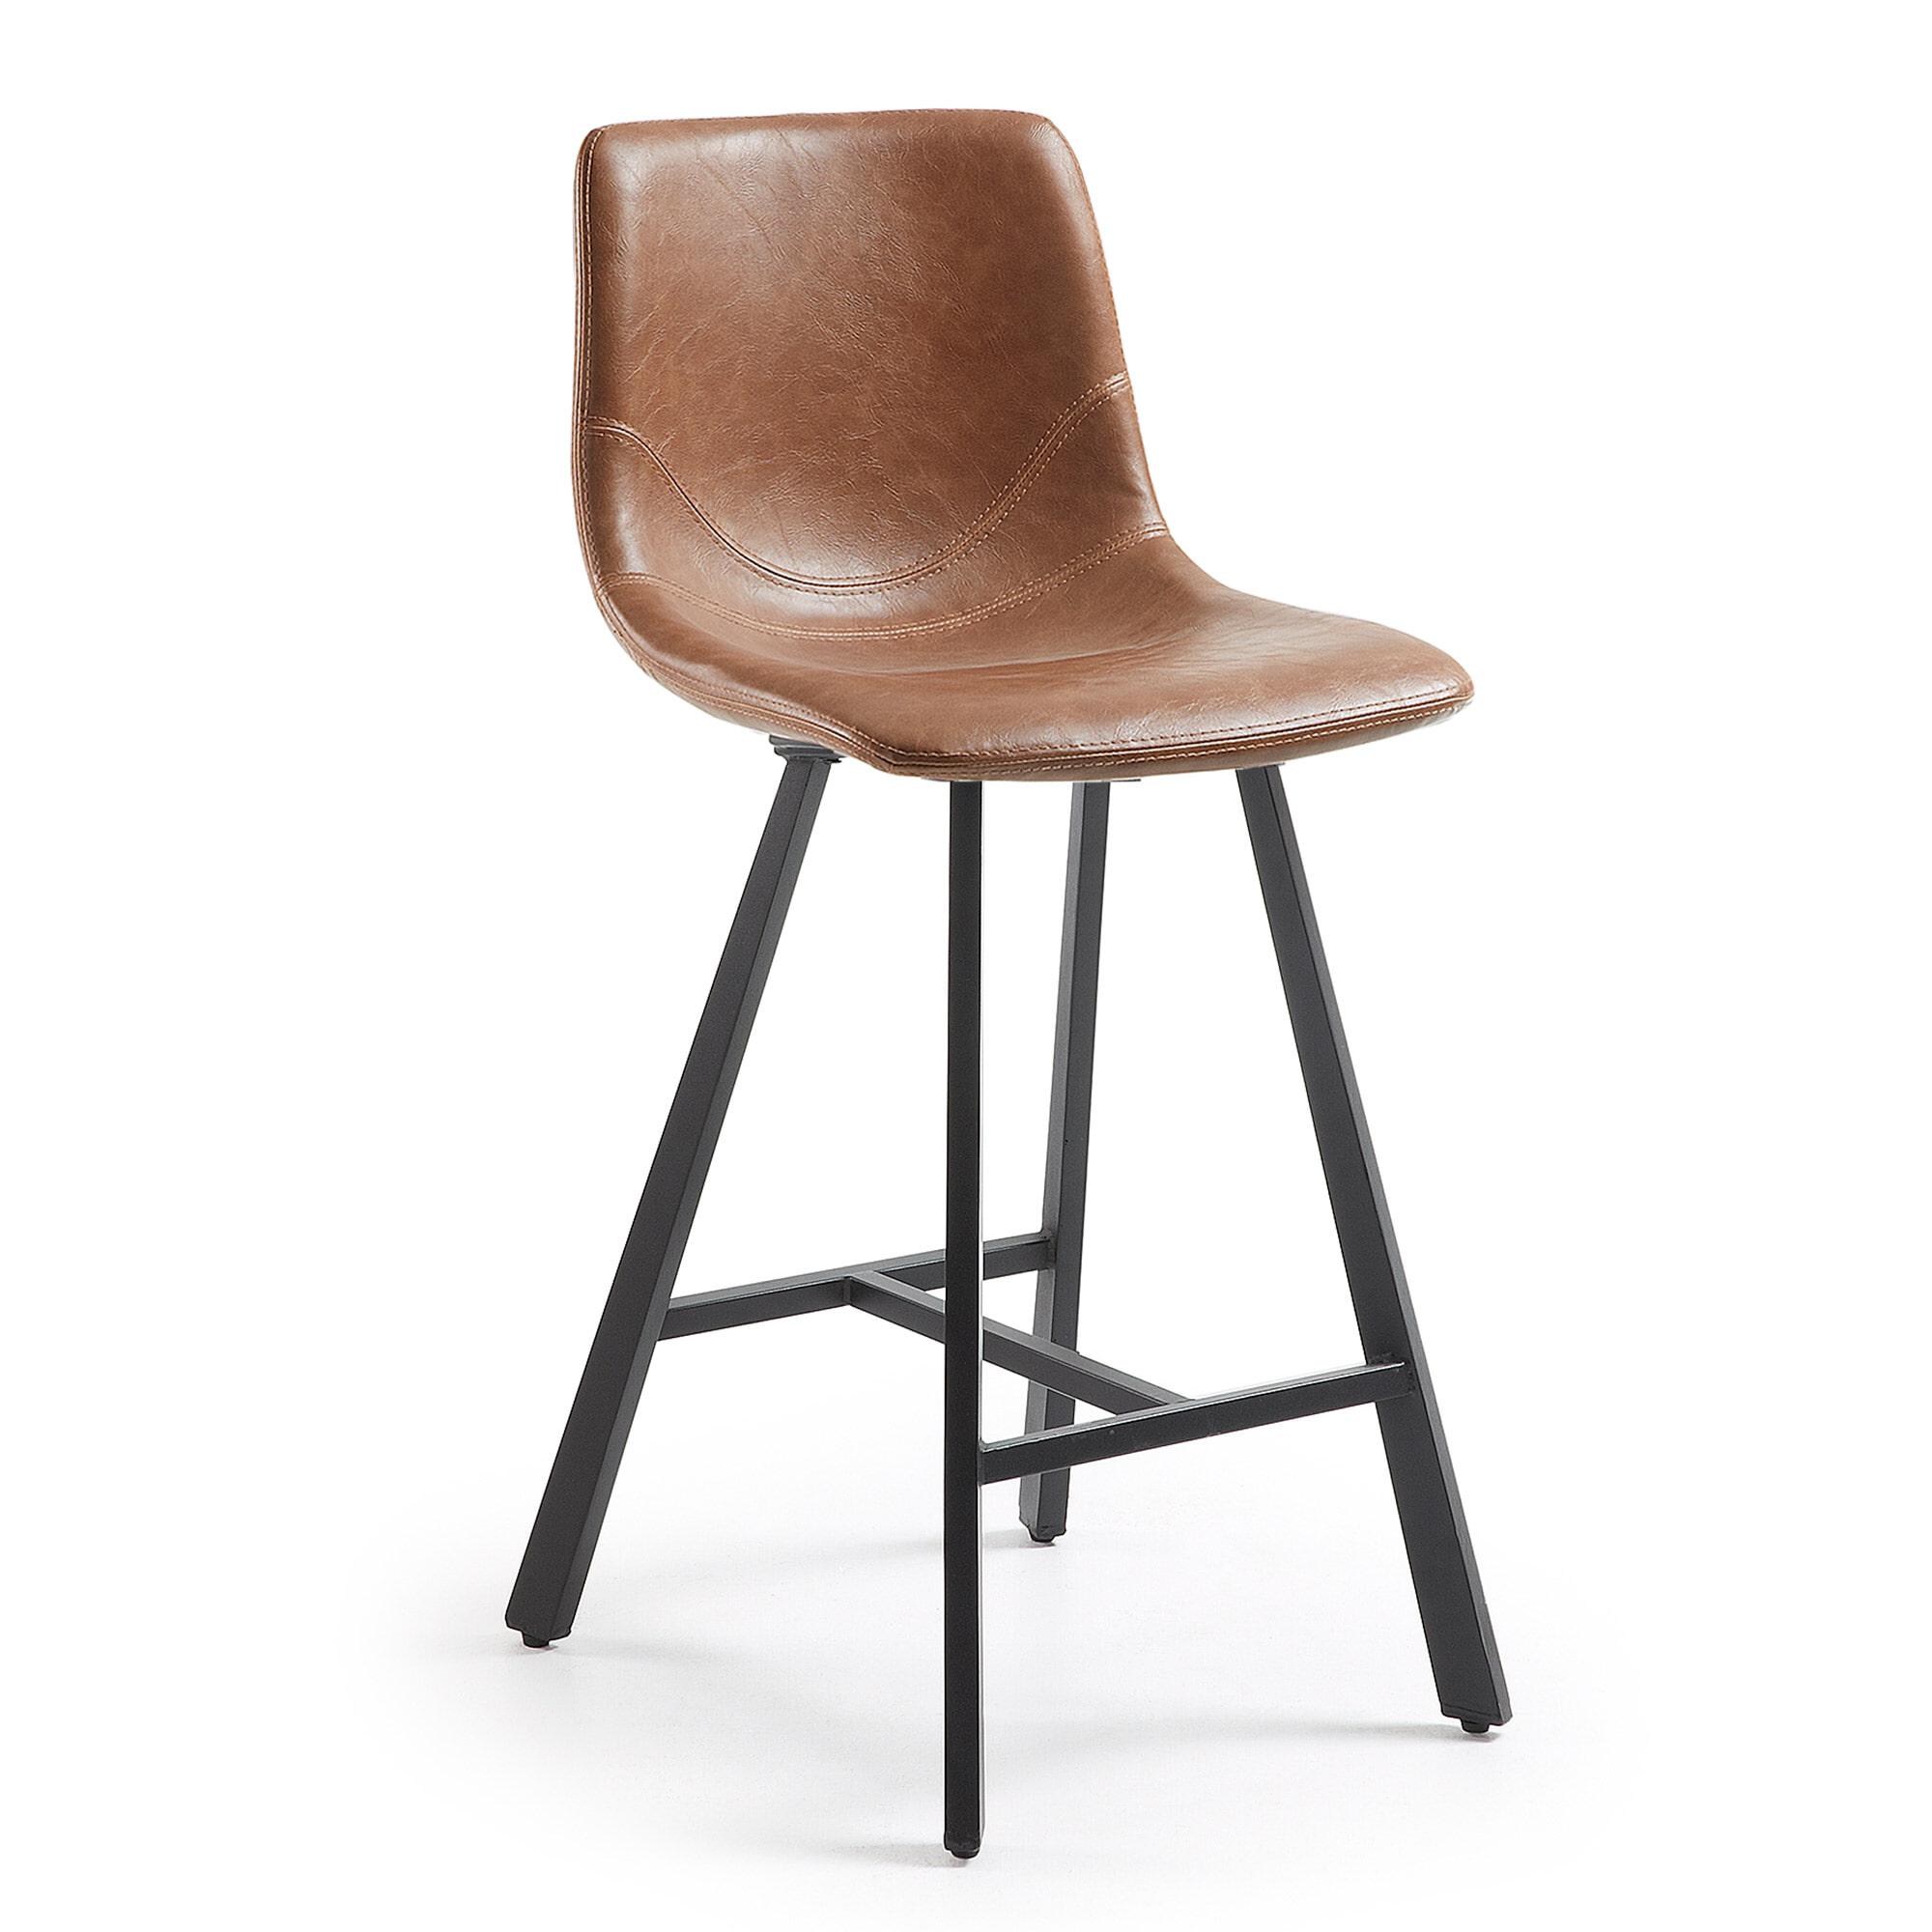 Kave Home Barstoel 'Trap' (zithoogte 61cm), kleur cognac Zitmeubelen | Barkrukken & Barstoelen vergelijken doe je het voordeligst hier bij Meubelpartner